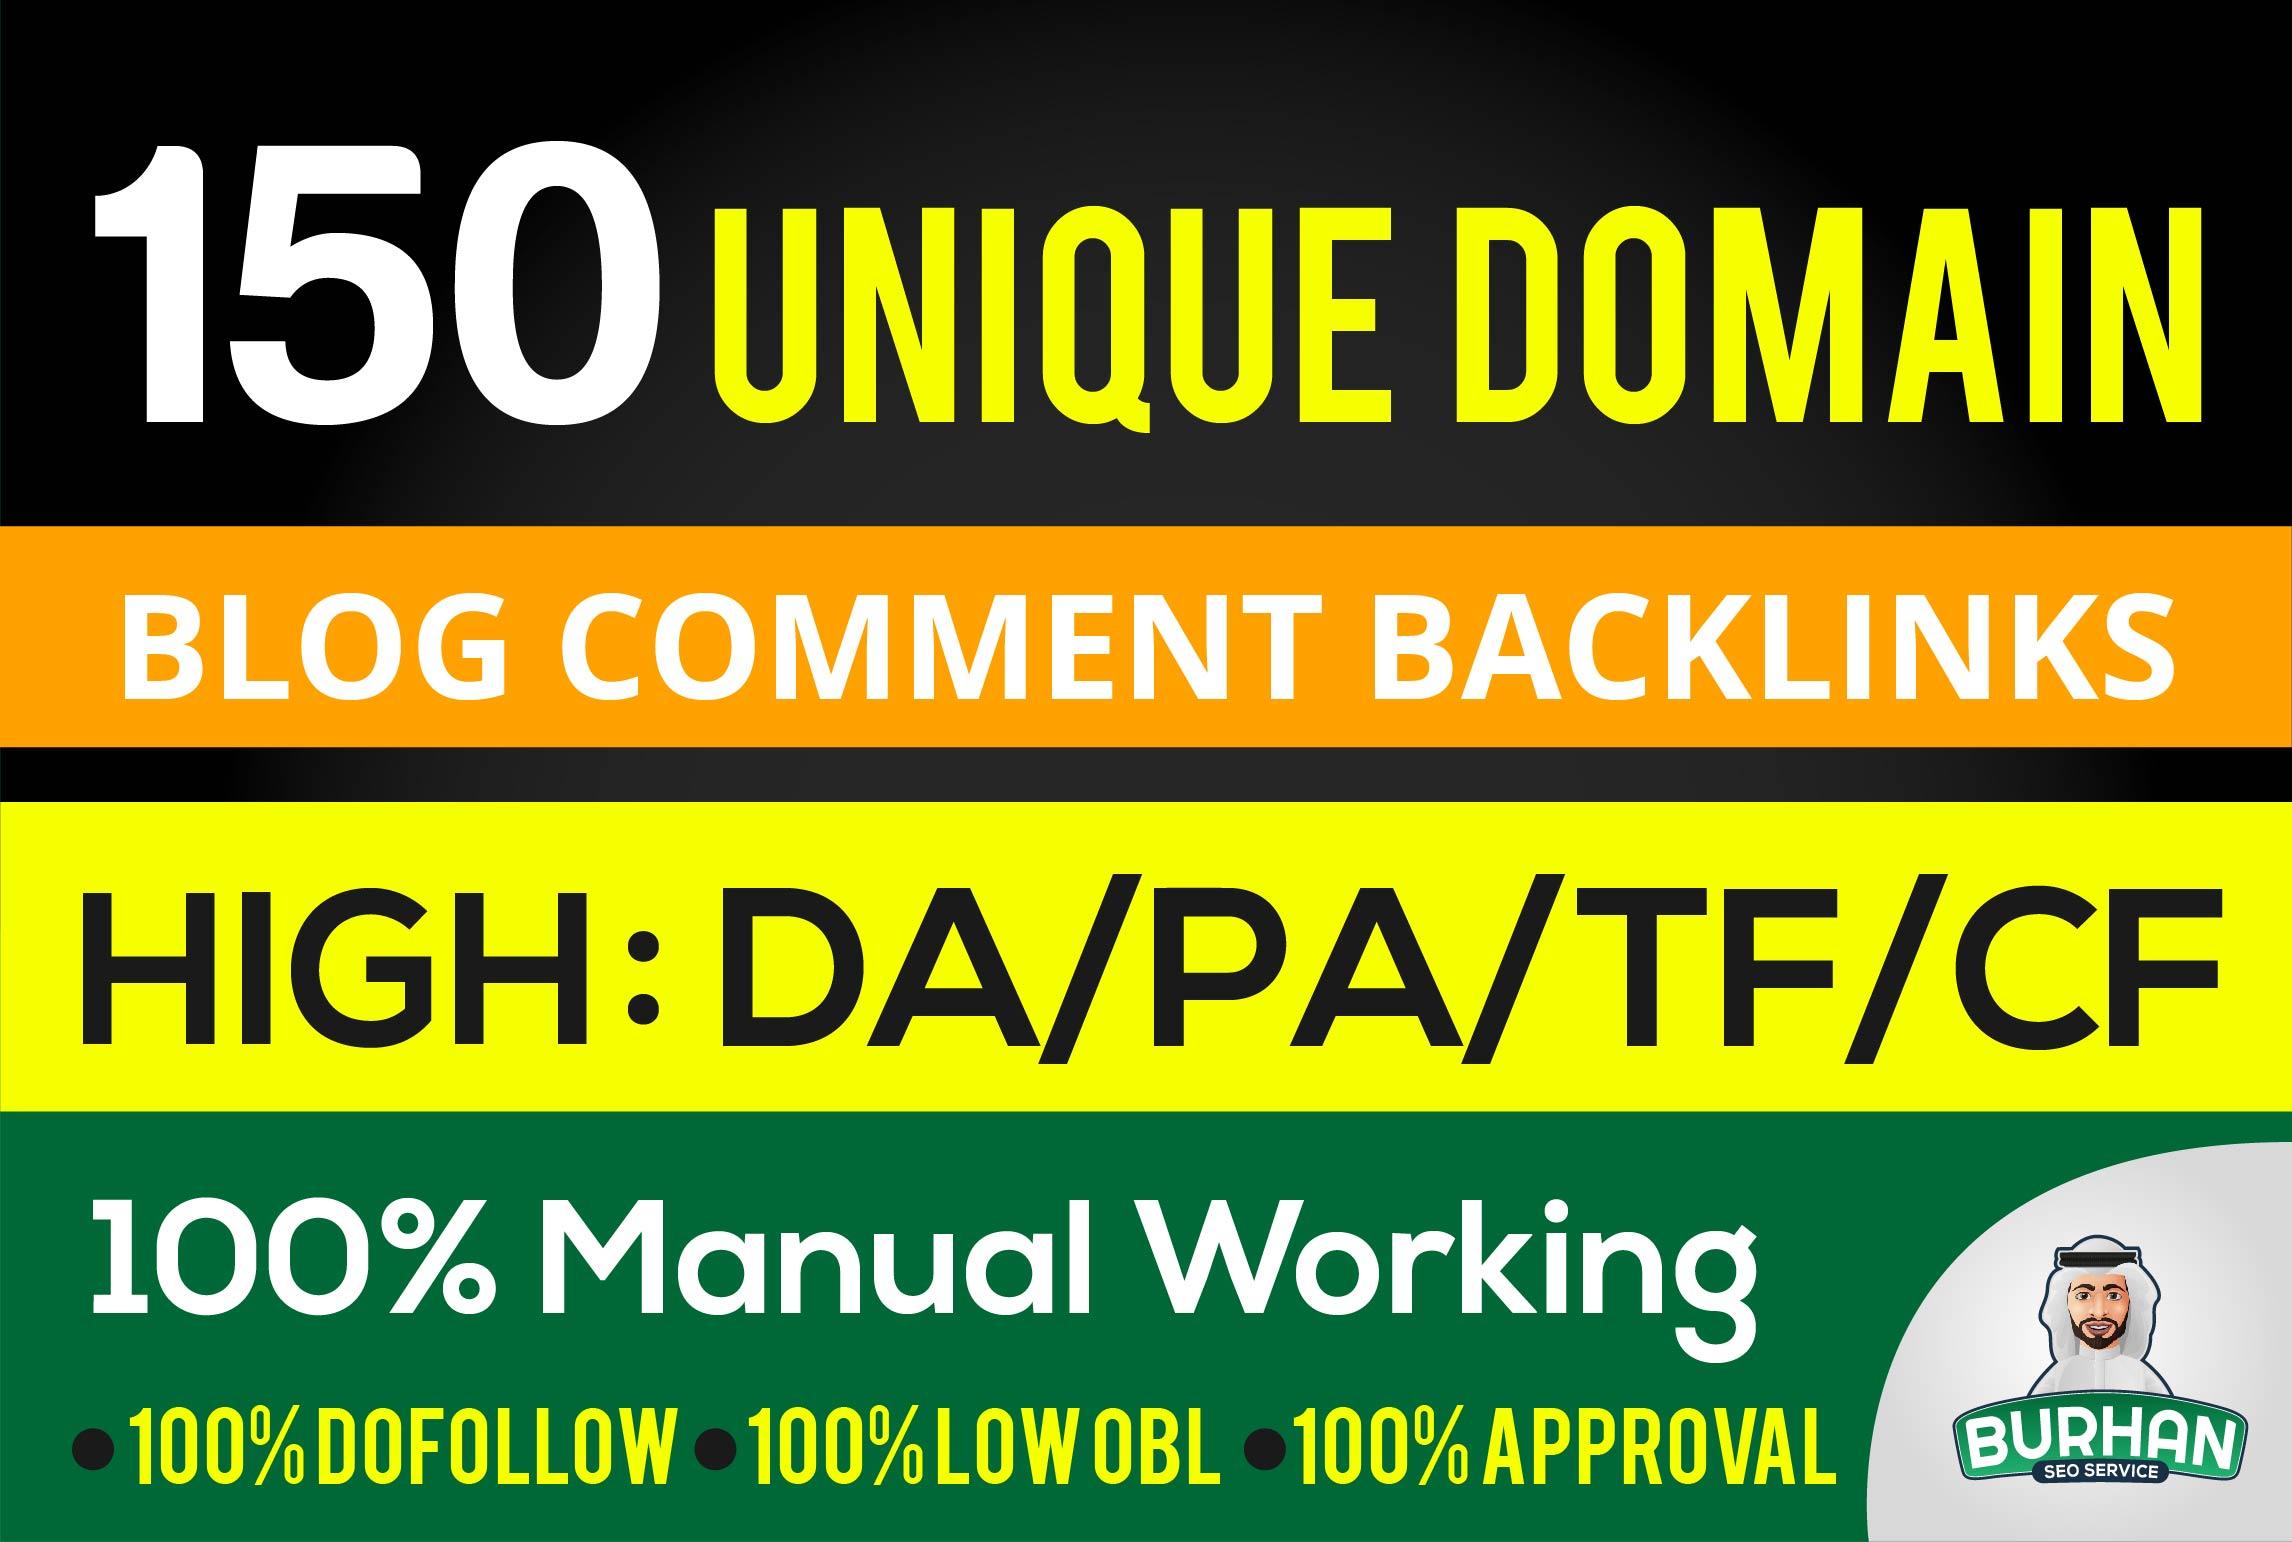 provide 150 unique domain SEO backlinks DA 100 site